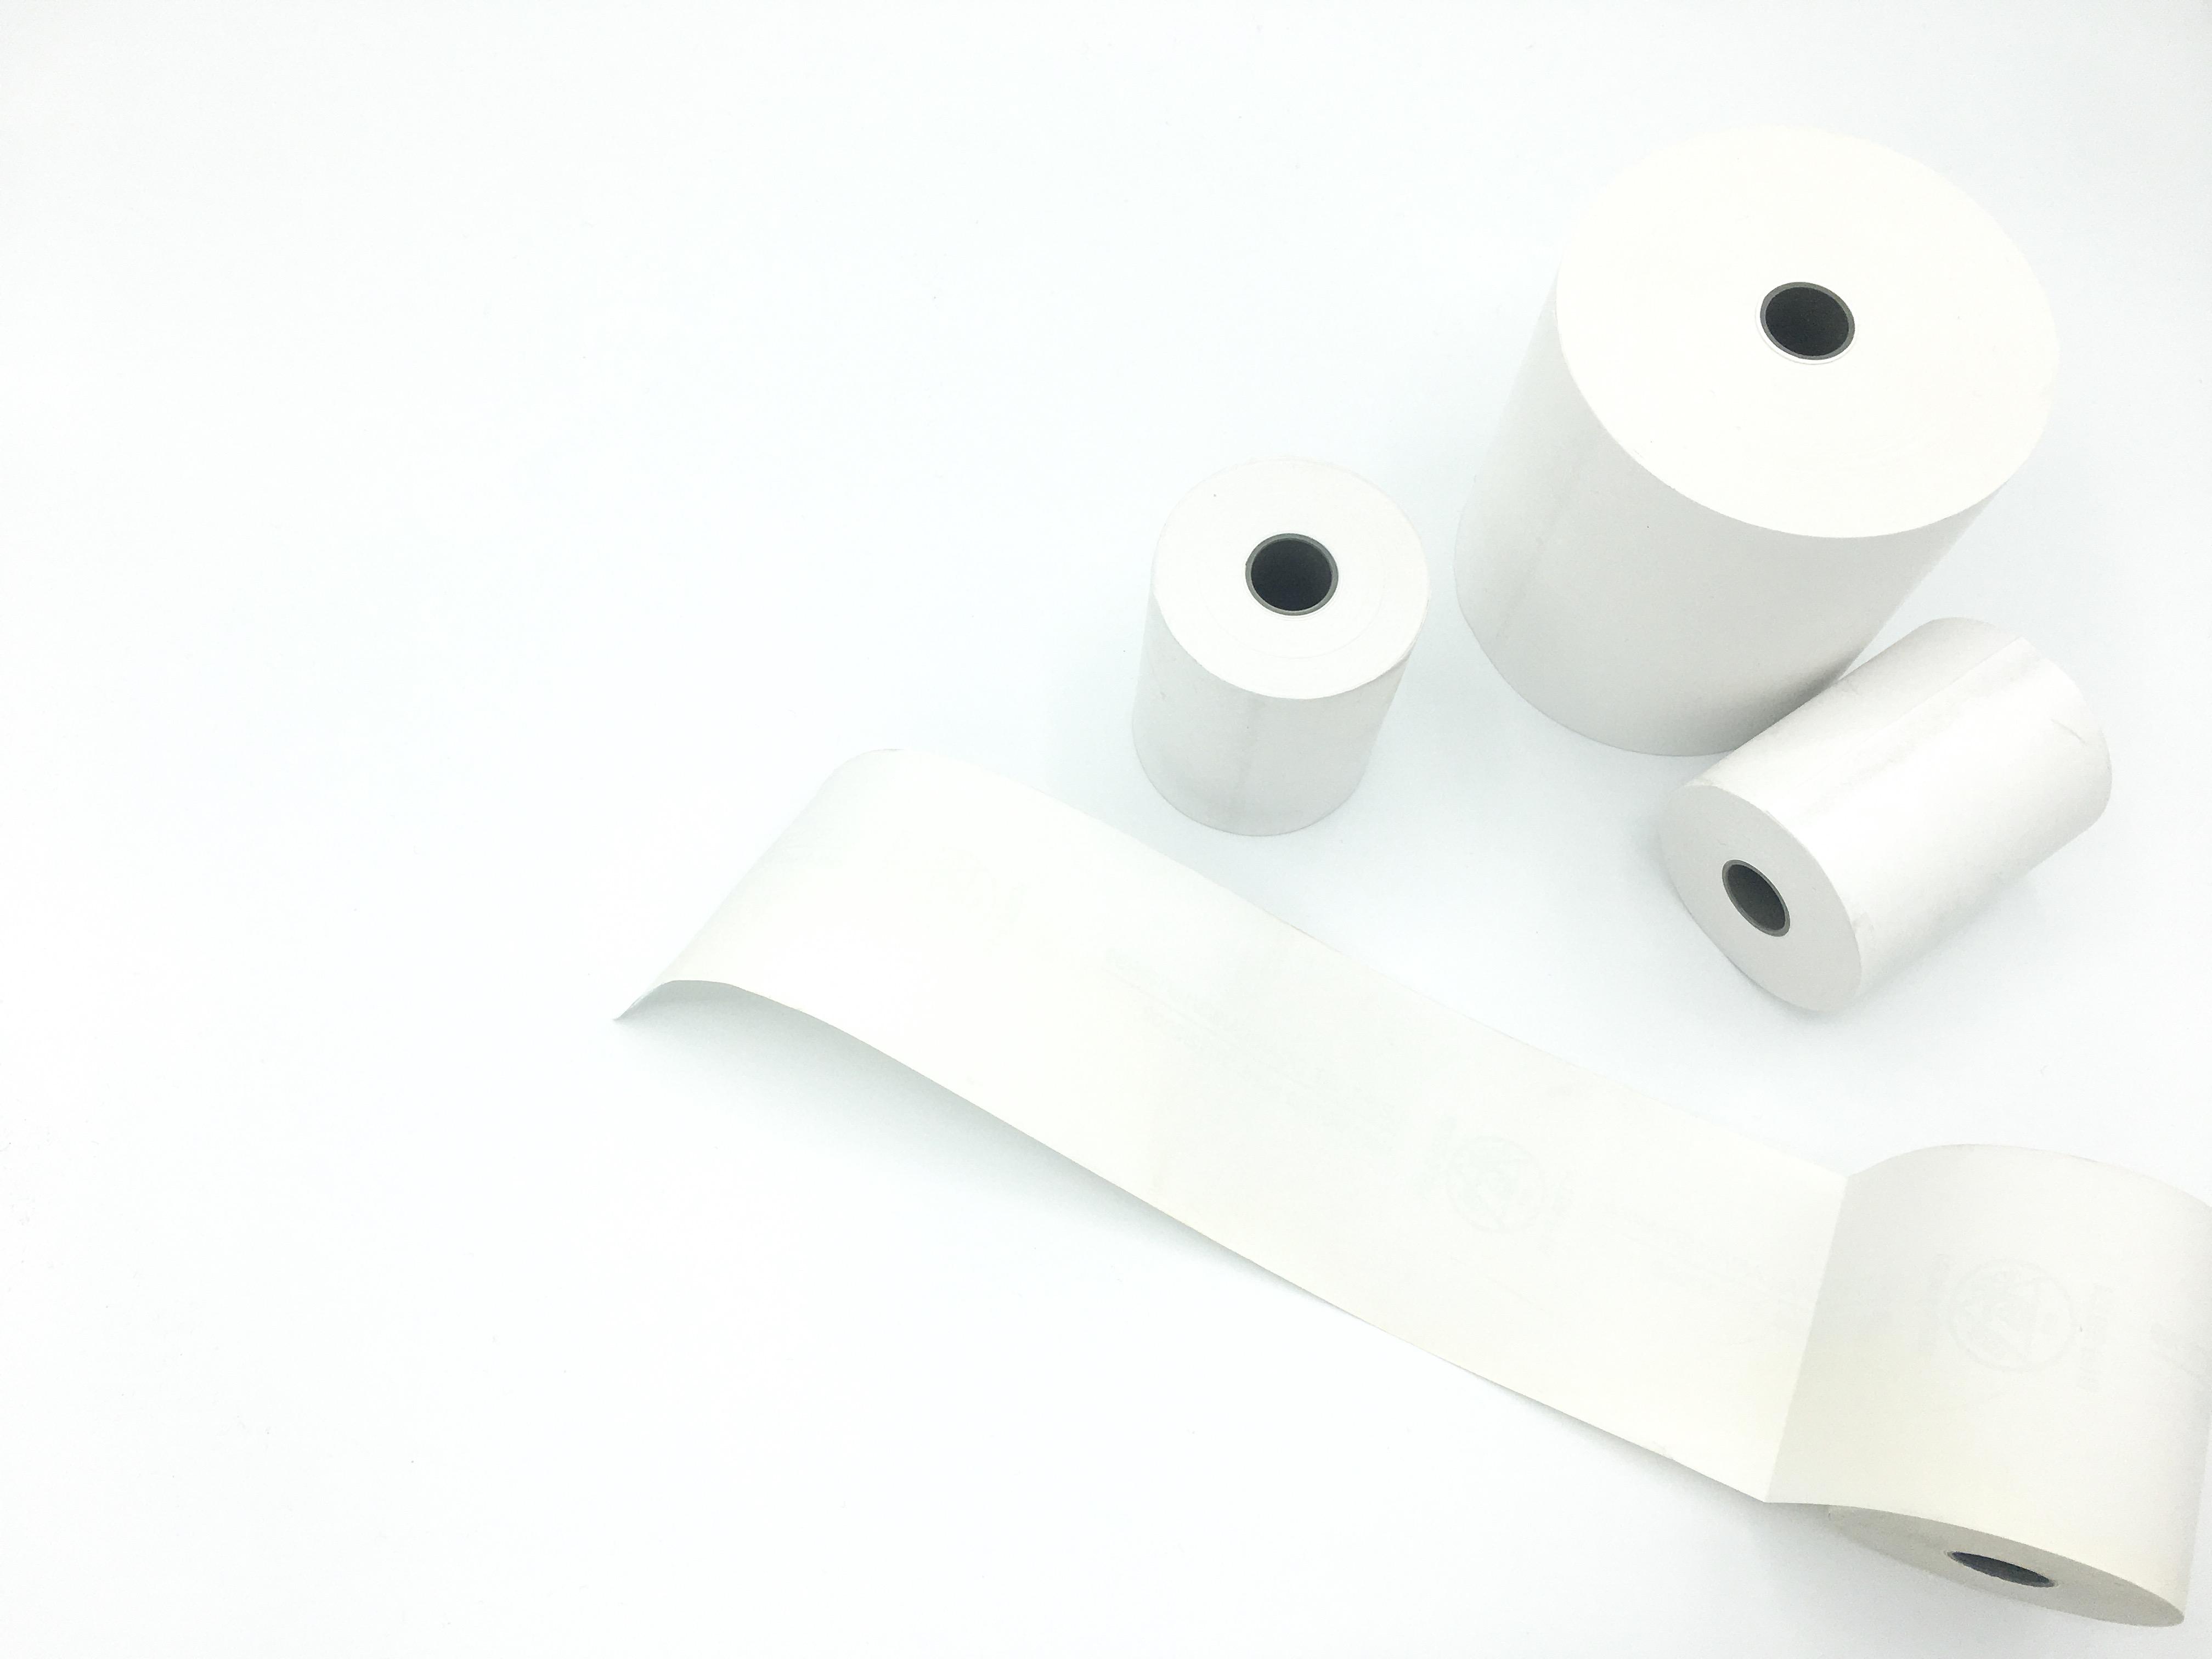 thermopapier verbot bpa Registrierkasse wien